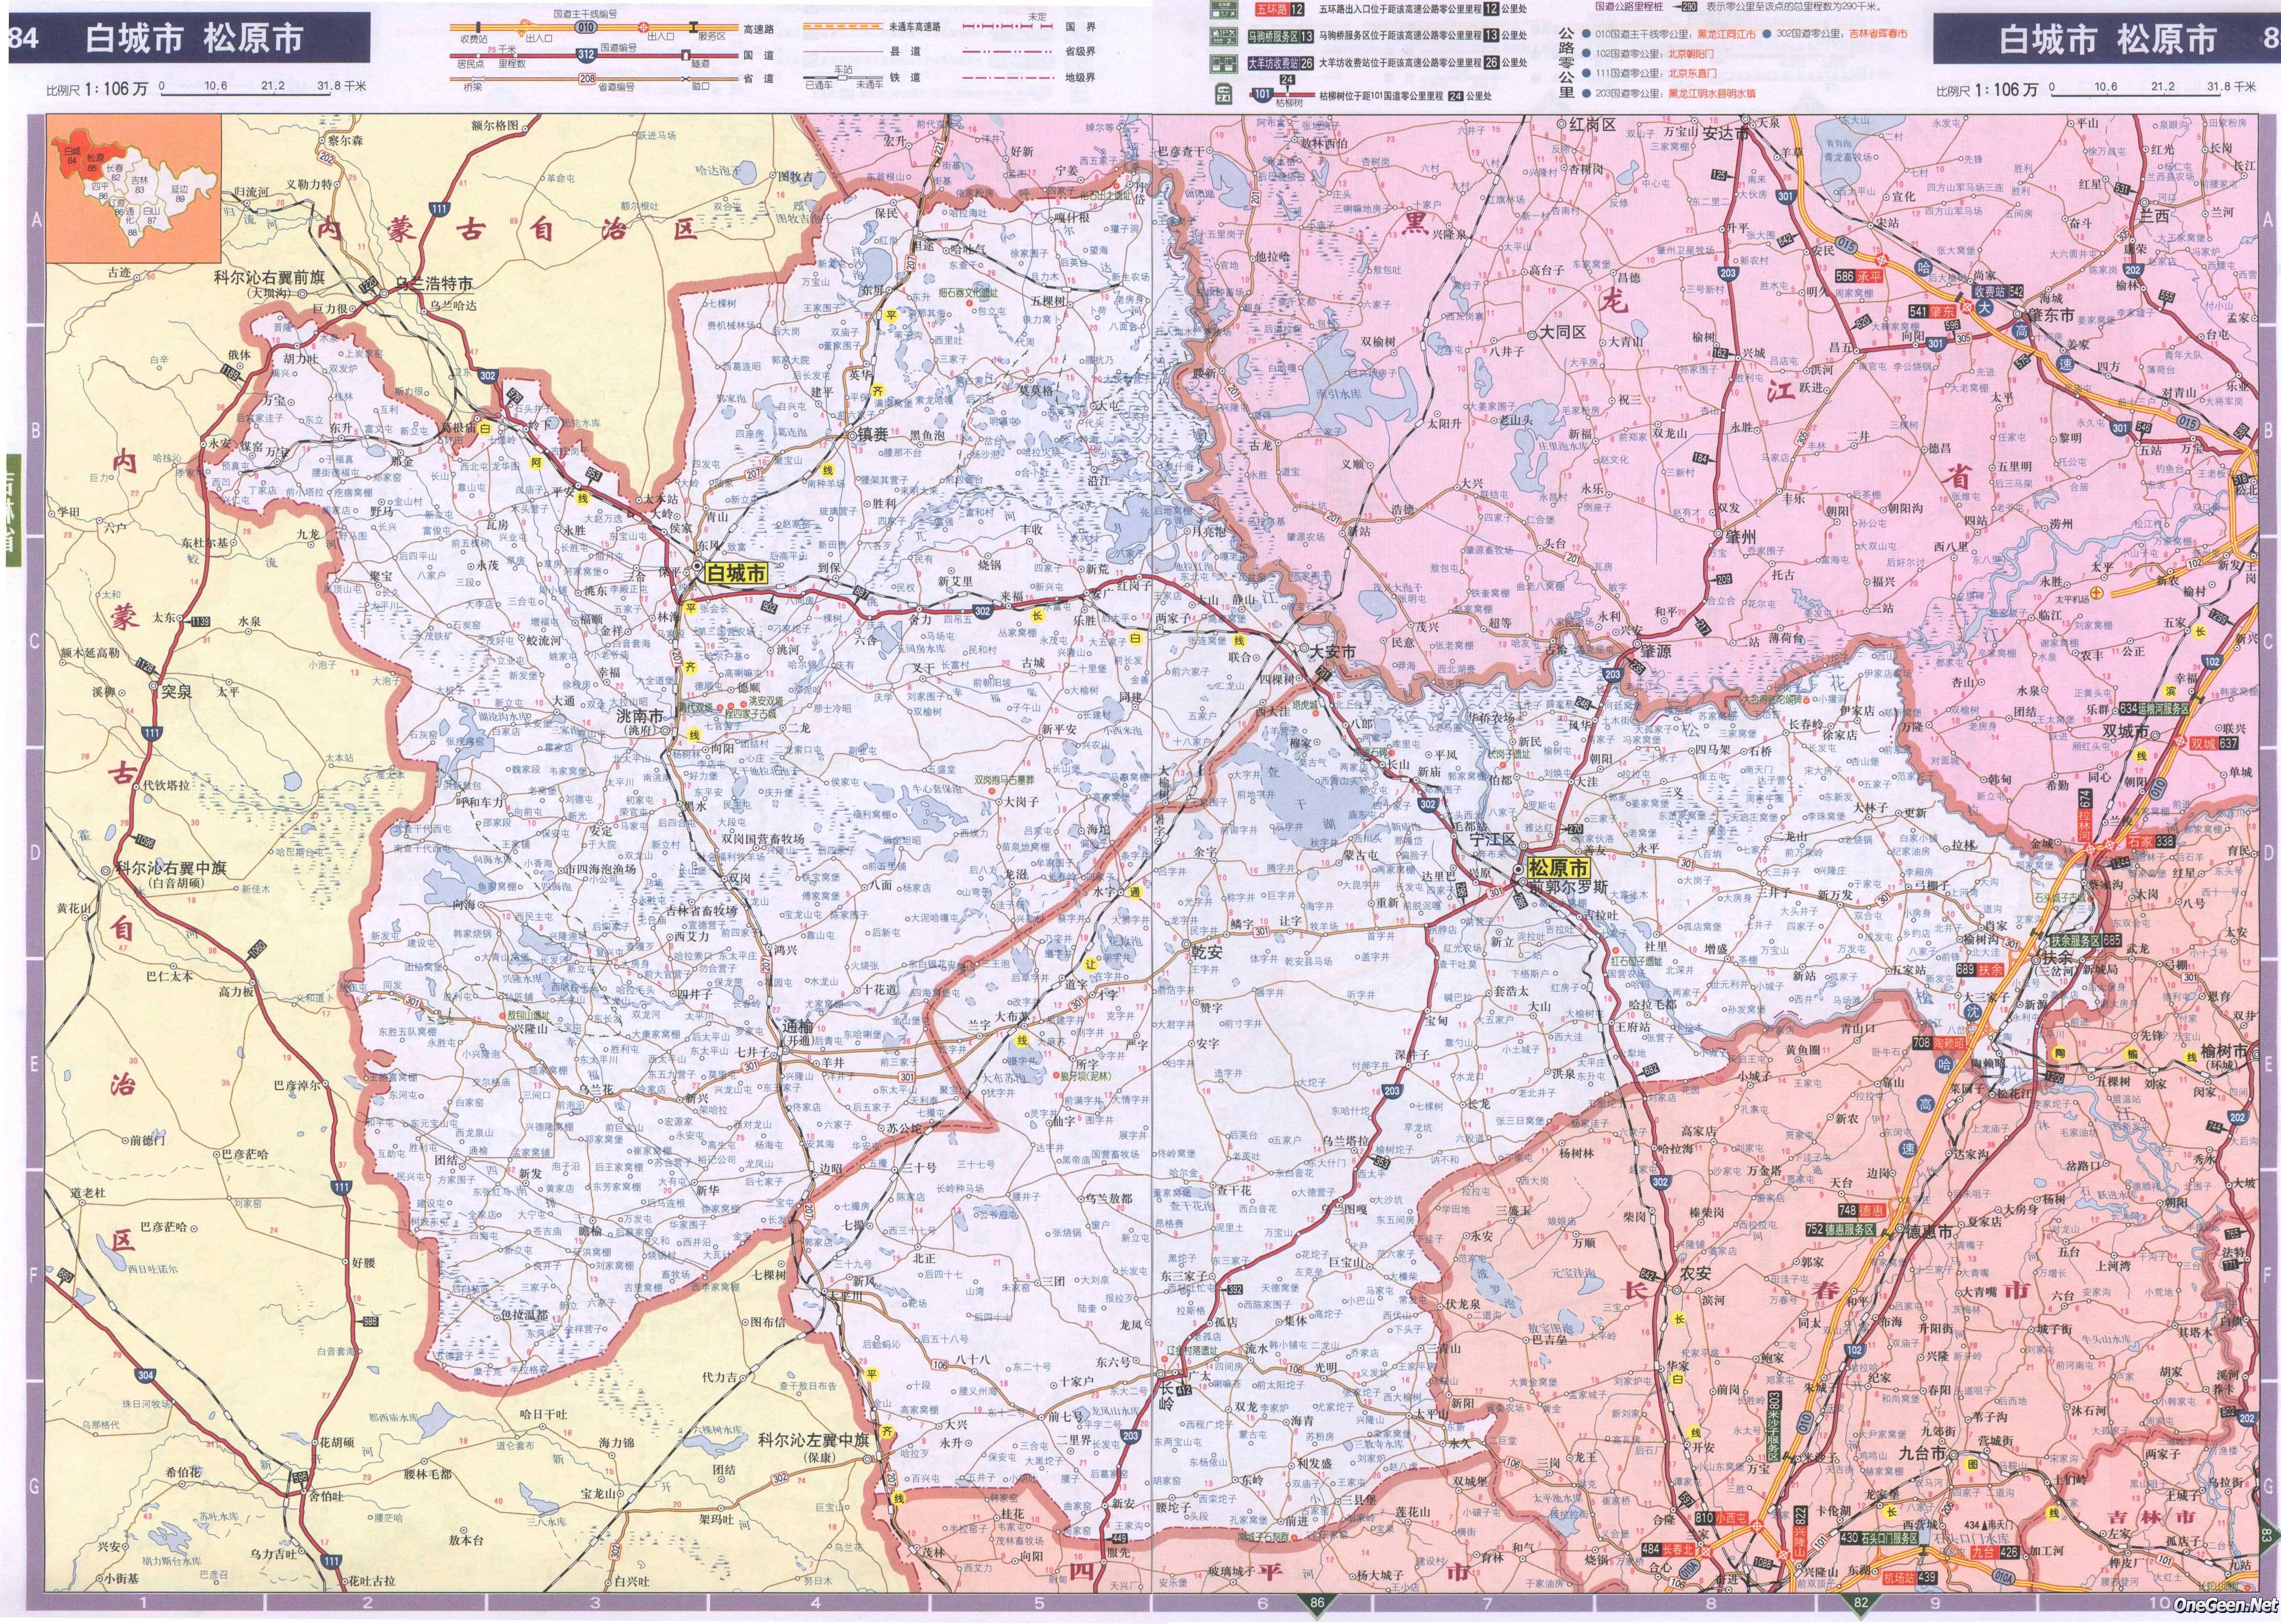 吉林省白城市松原市交通地图